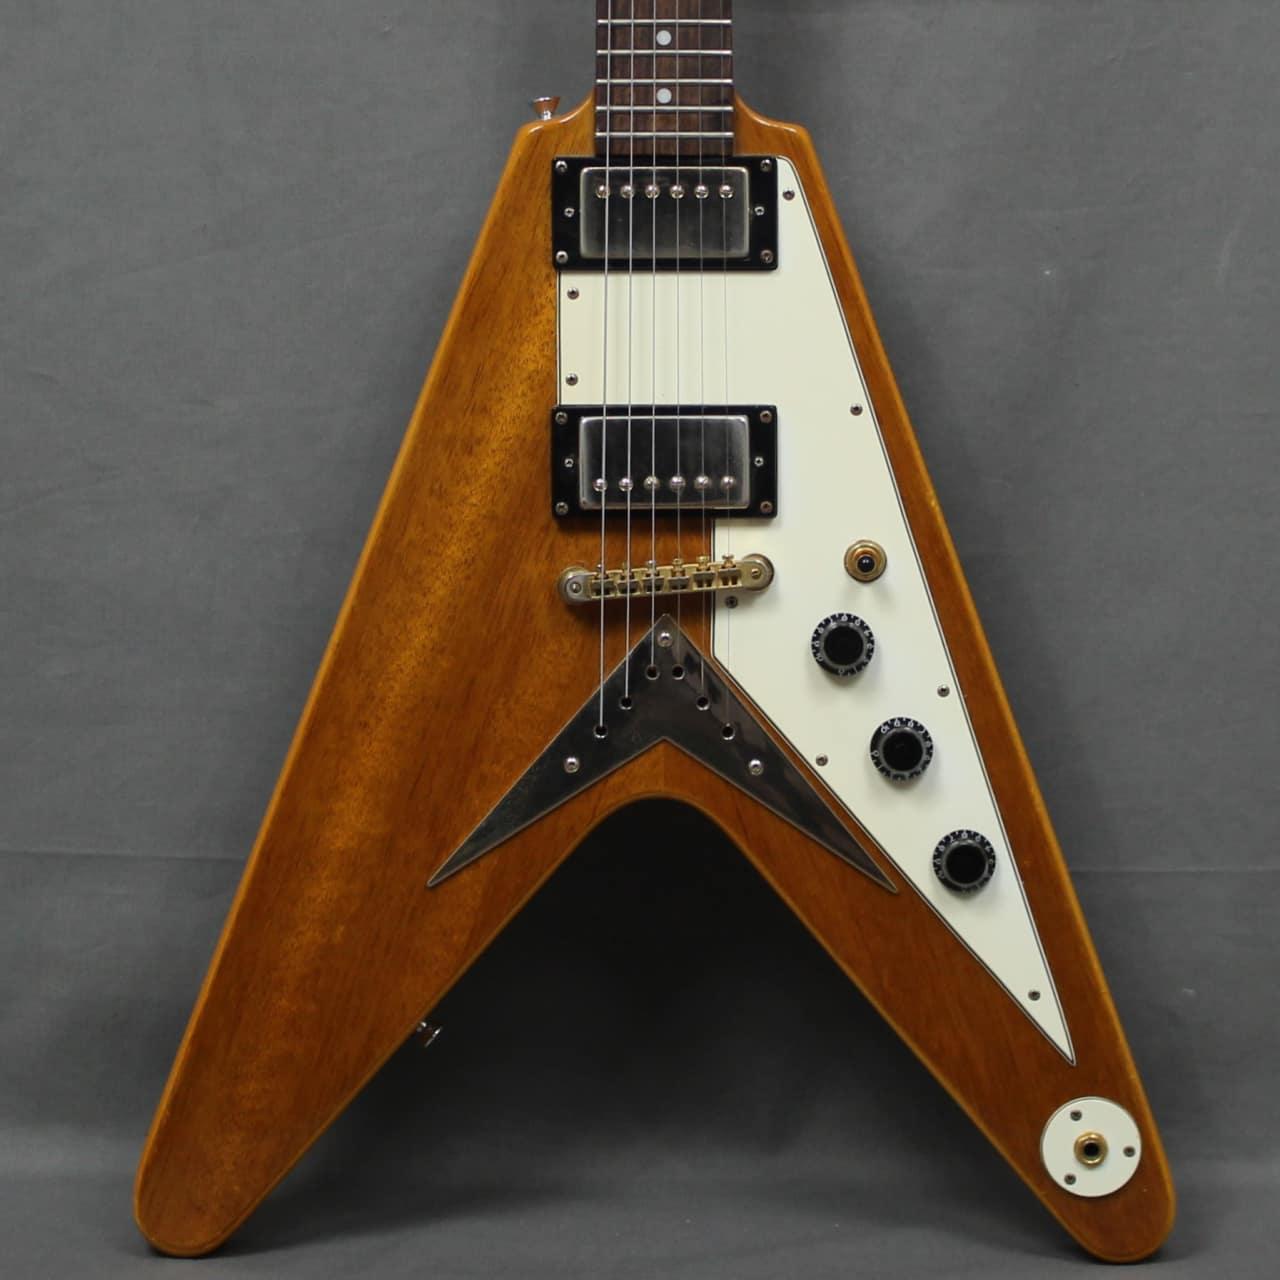 used epiphone 1958 korina flying v electric guitar free reverb. Black Bedroom Furniture Sets. Home Design Ideas